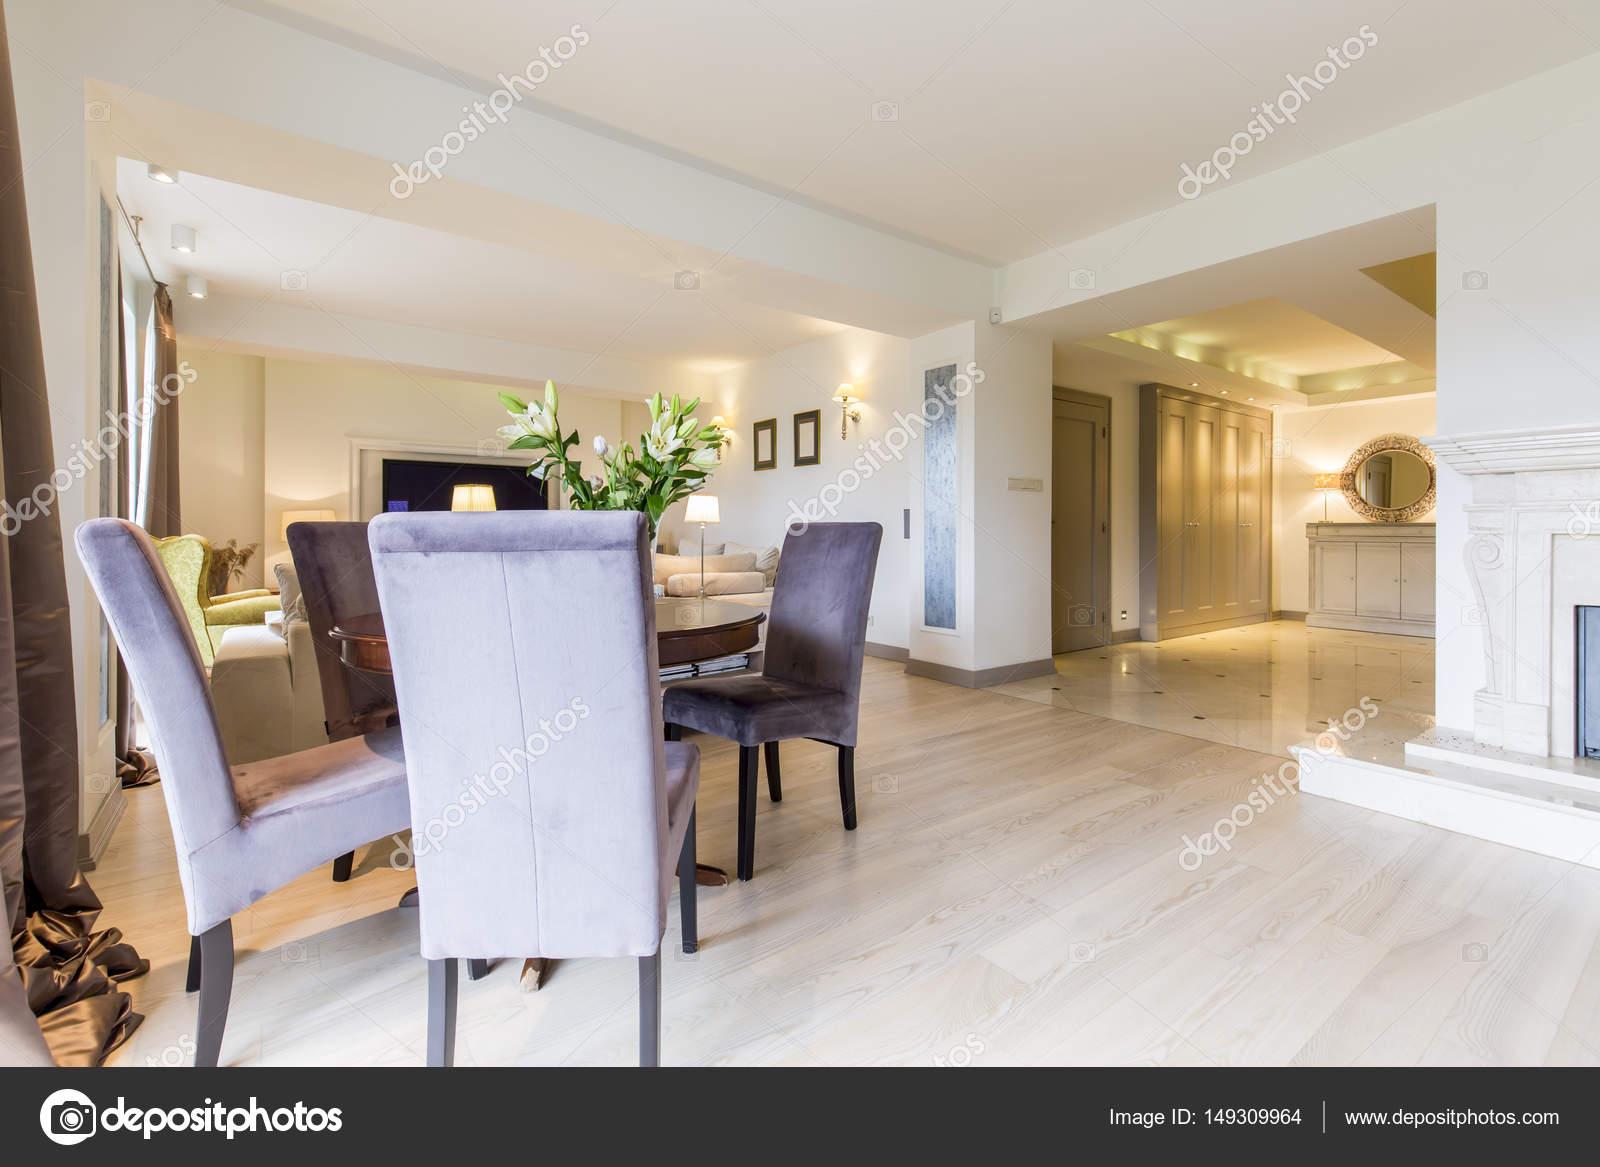 Genial Esstisch Wohnzimmer Beste Wahl Closeup S Ein Kleiner Mit Stühlen Stehend